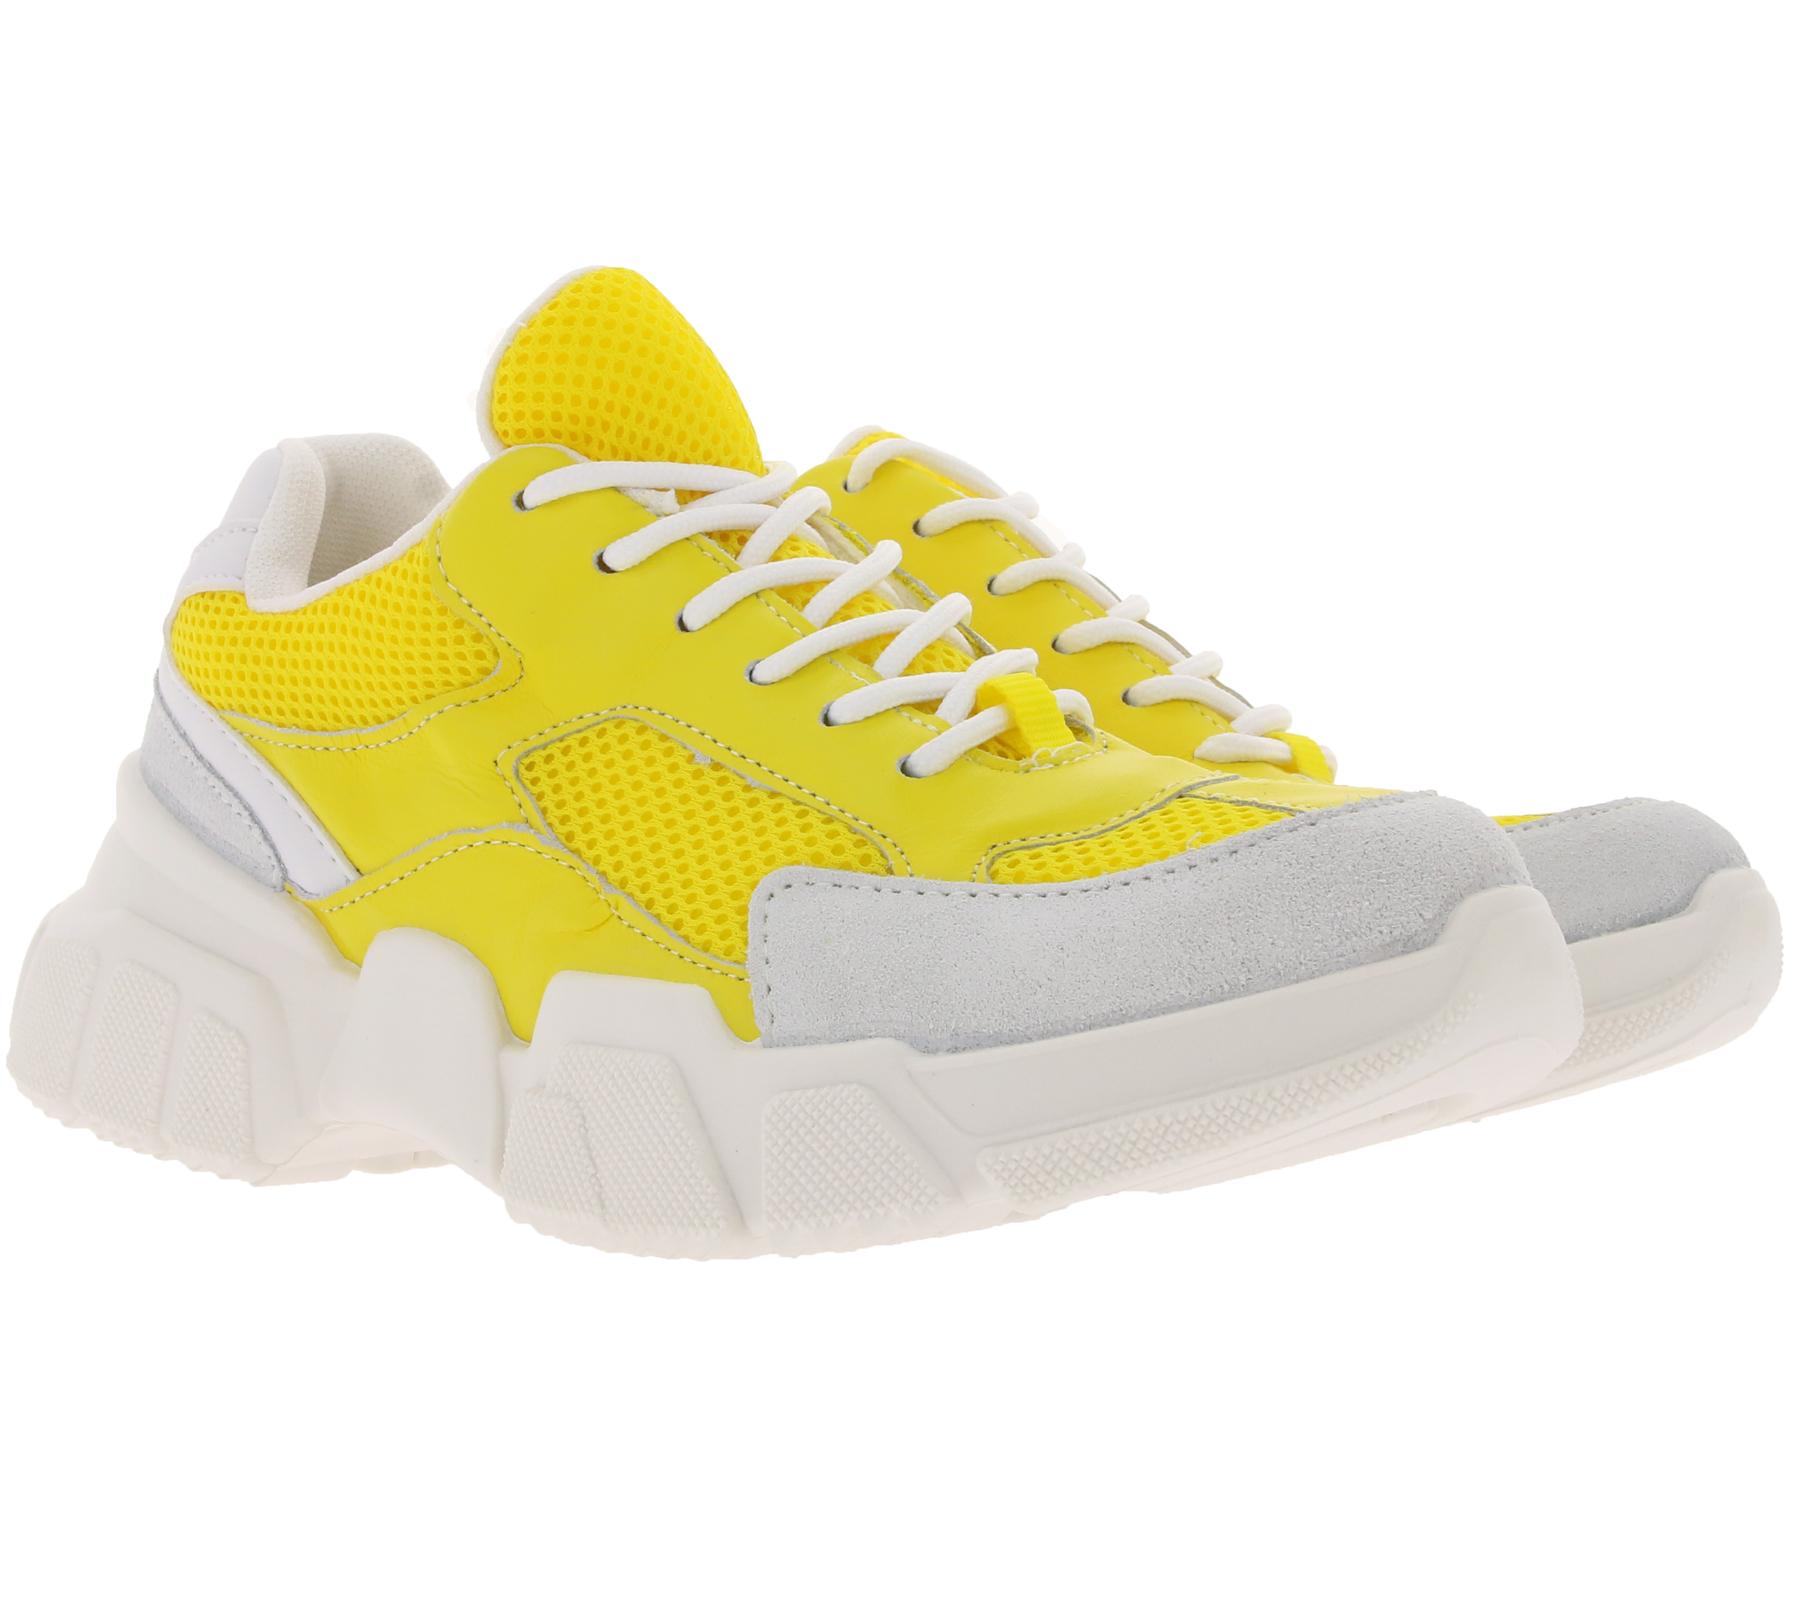 Details zu heine Schuhe auffällige Damen Plateau Sneaker Turnschuhe im Retro Look Gelb